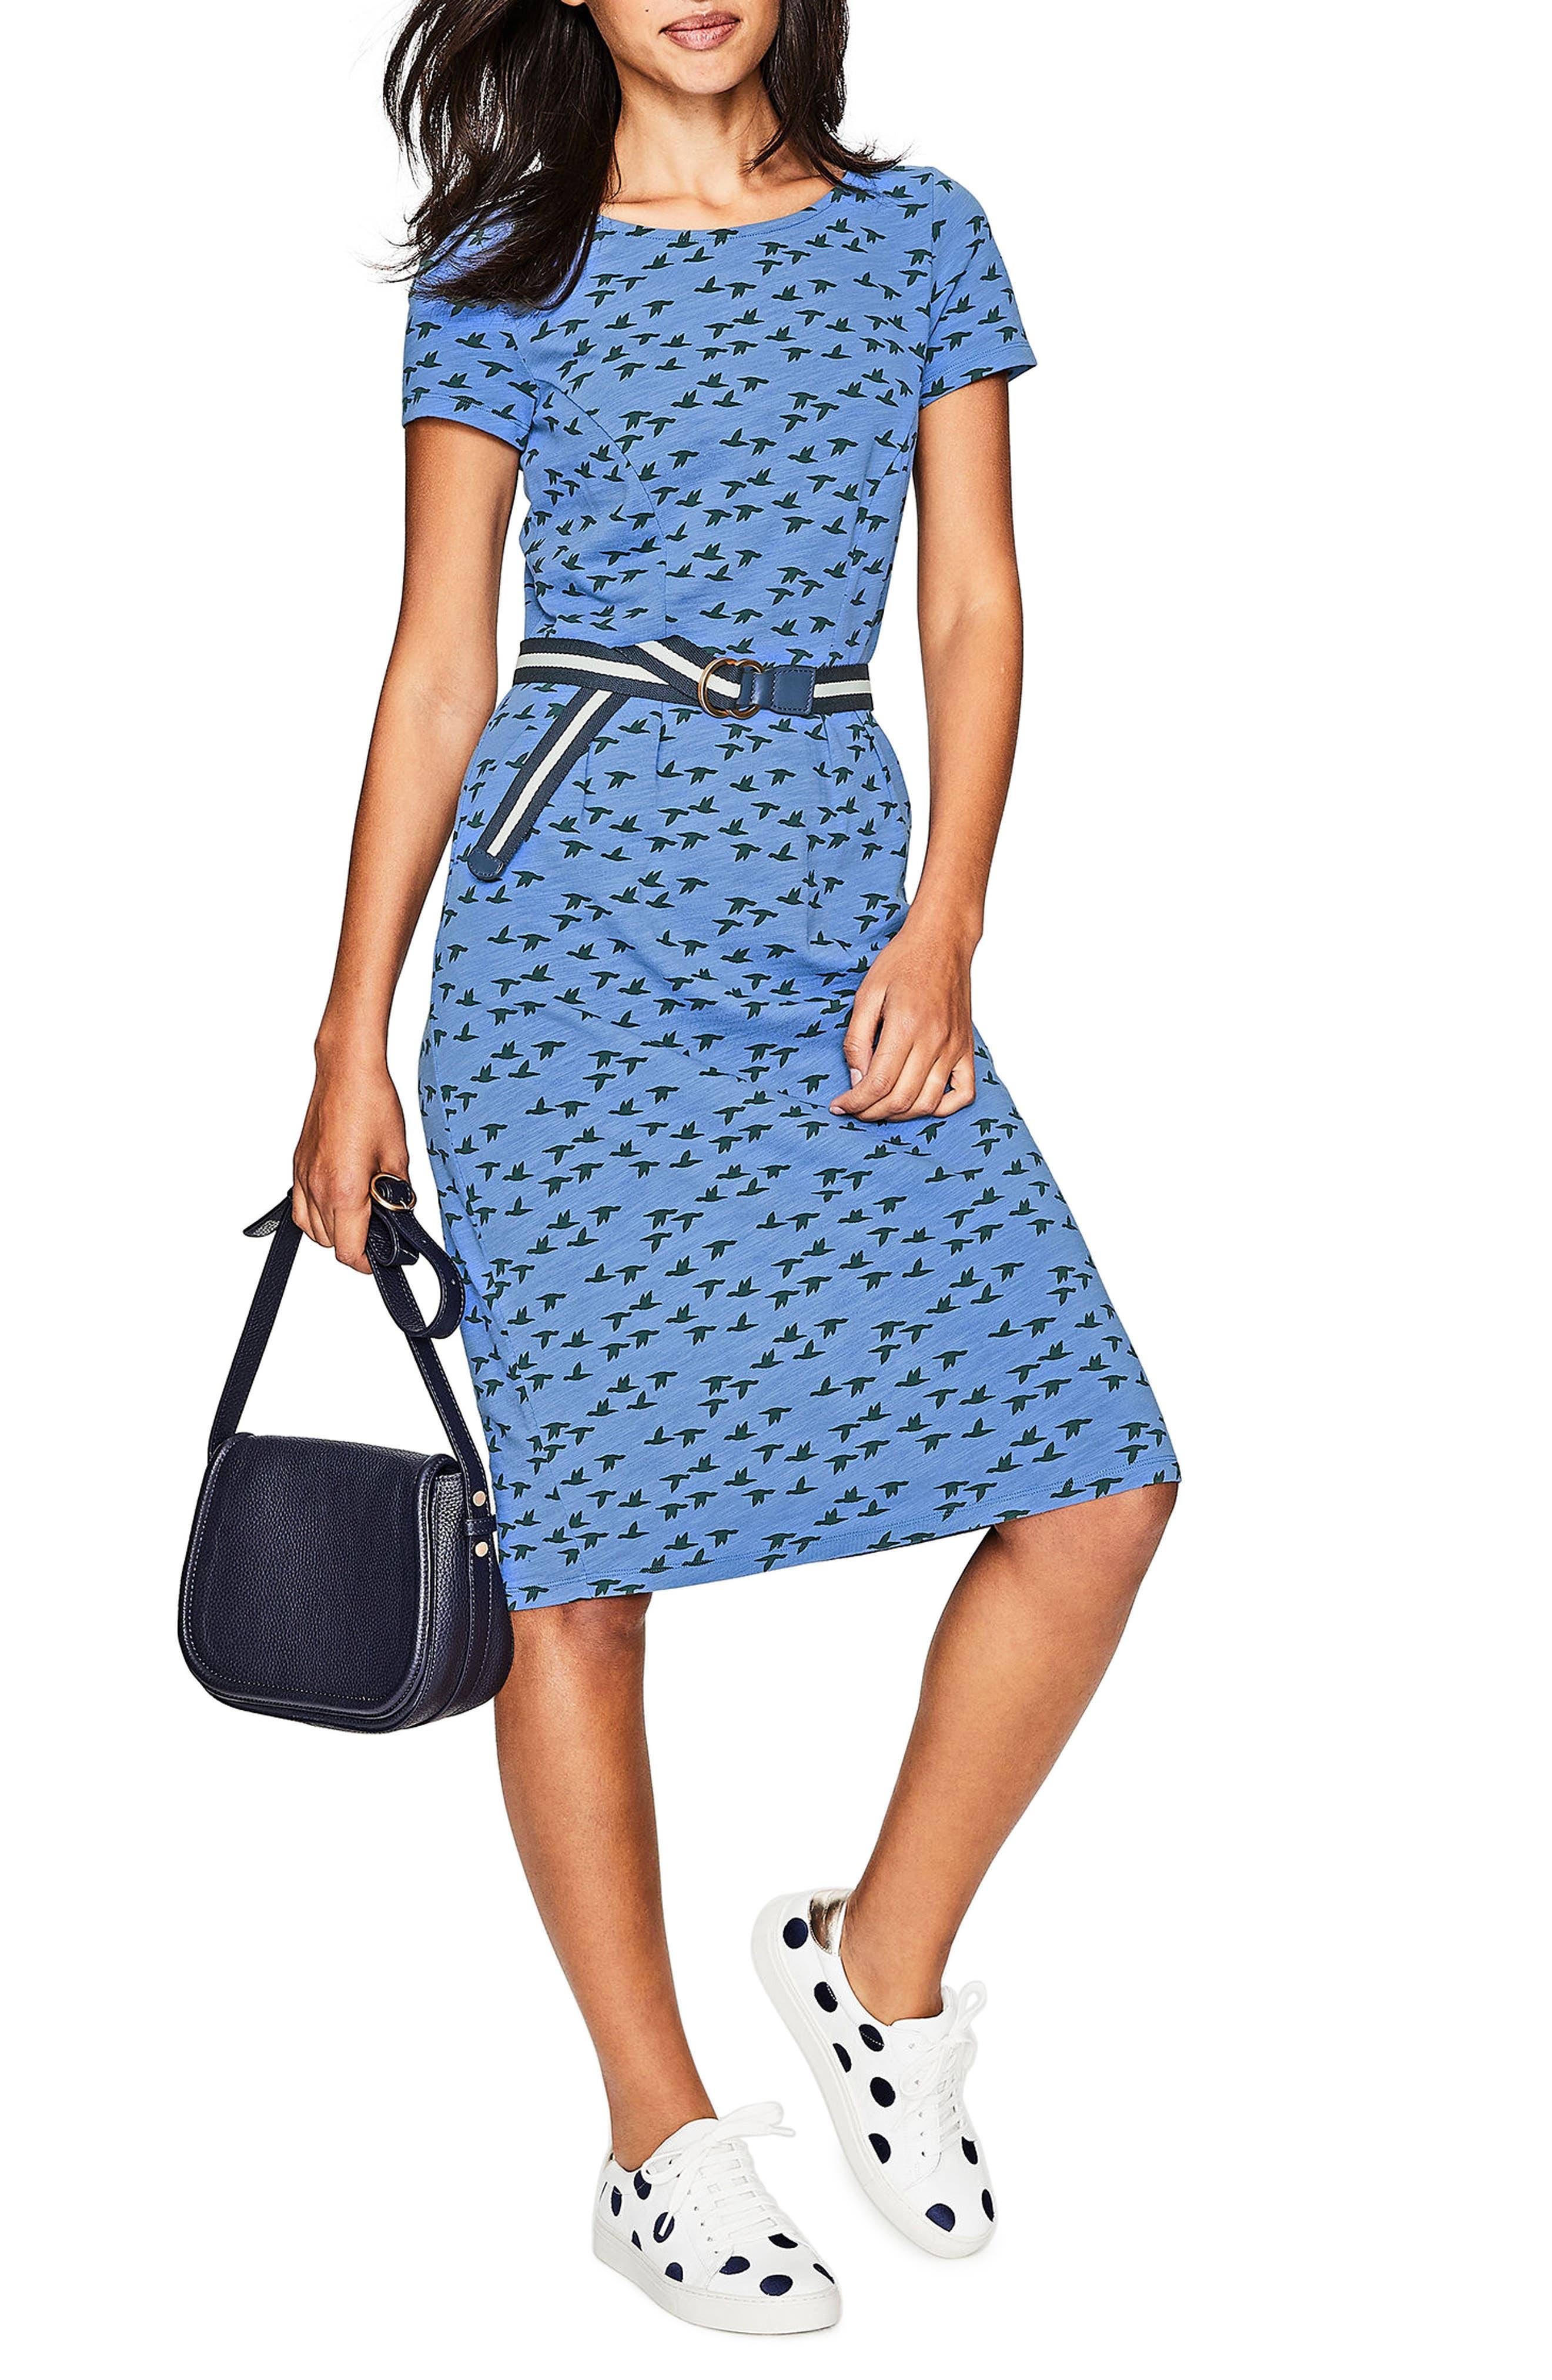 Boden Phoebe Bird Print Jersey Dress